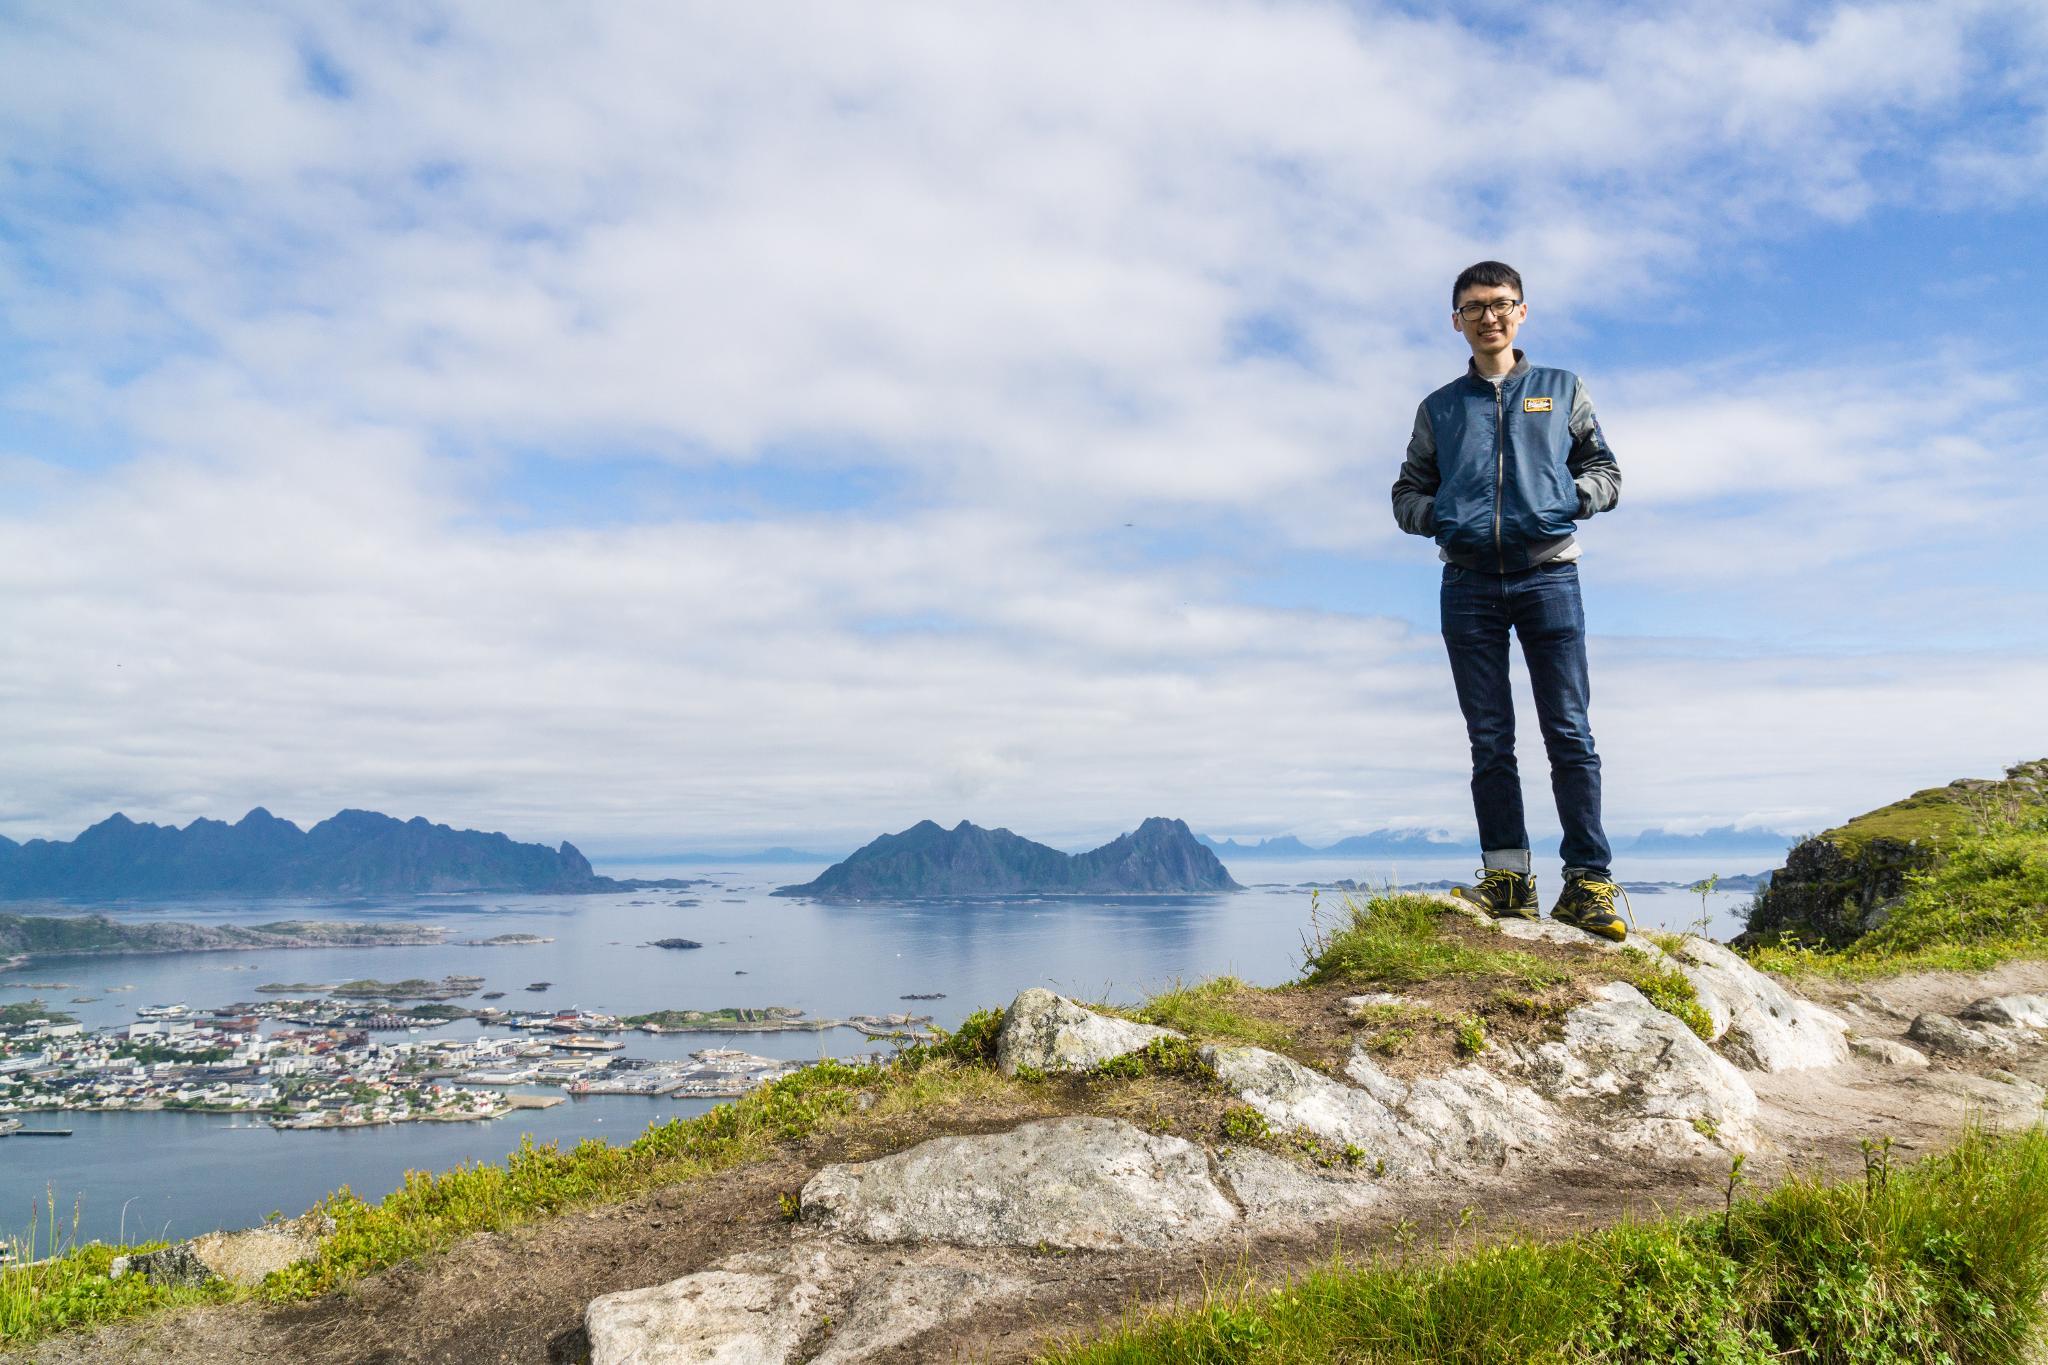 【羅弗敦群島】一次眺望兩個小鎮的人氣健行路線 - Tjeldbergtind Trail 15